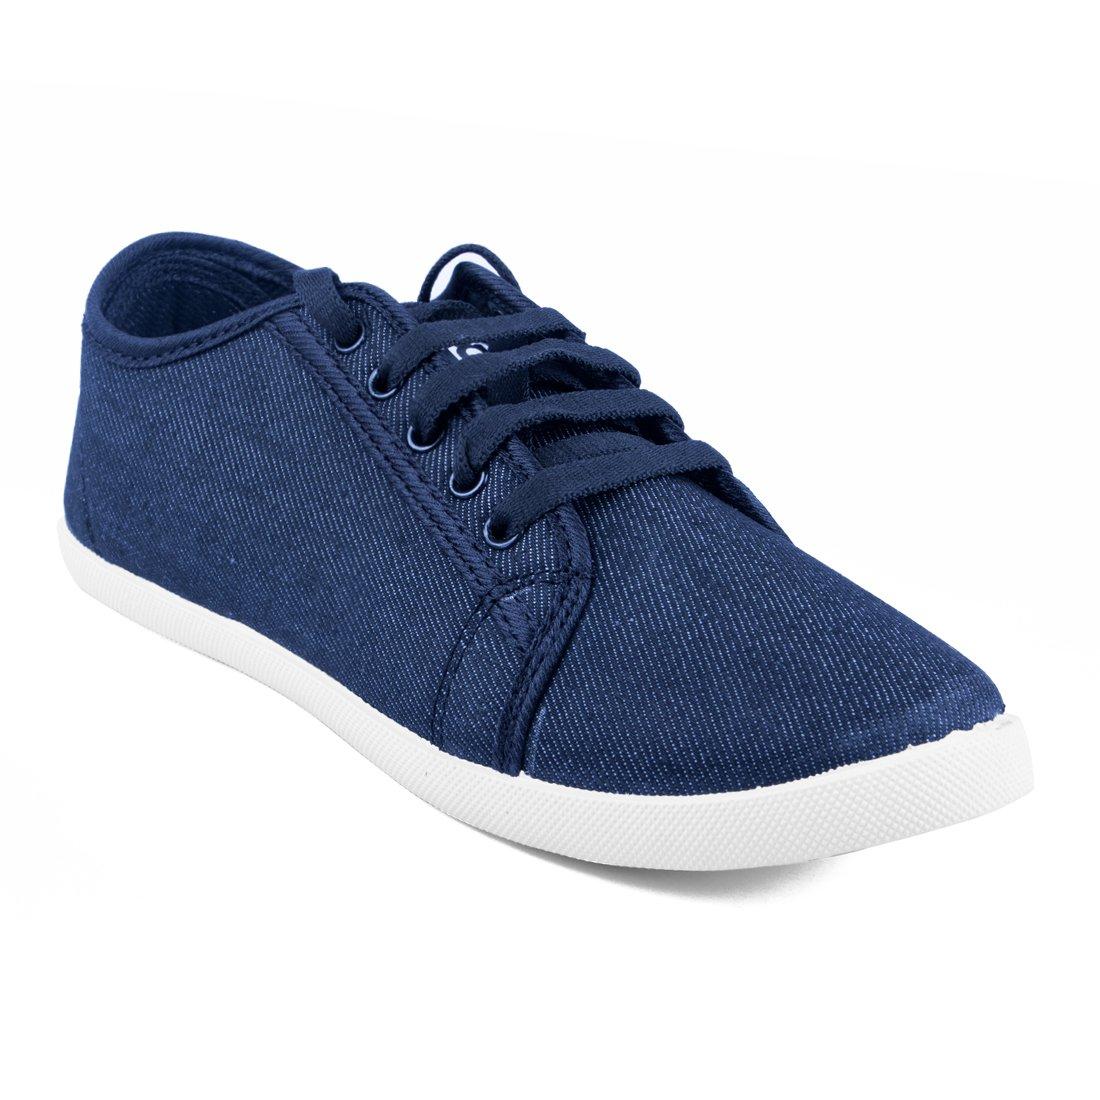 03d4e9cfcc Asian Shoes Women's Mesh Combo Of 2 Casual Shoes